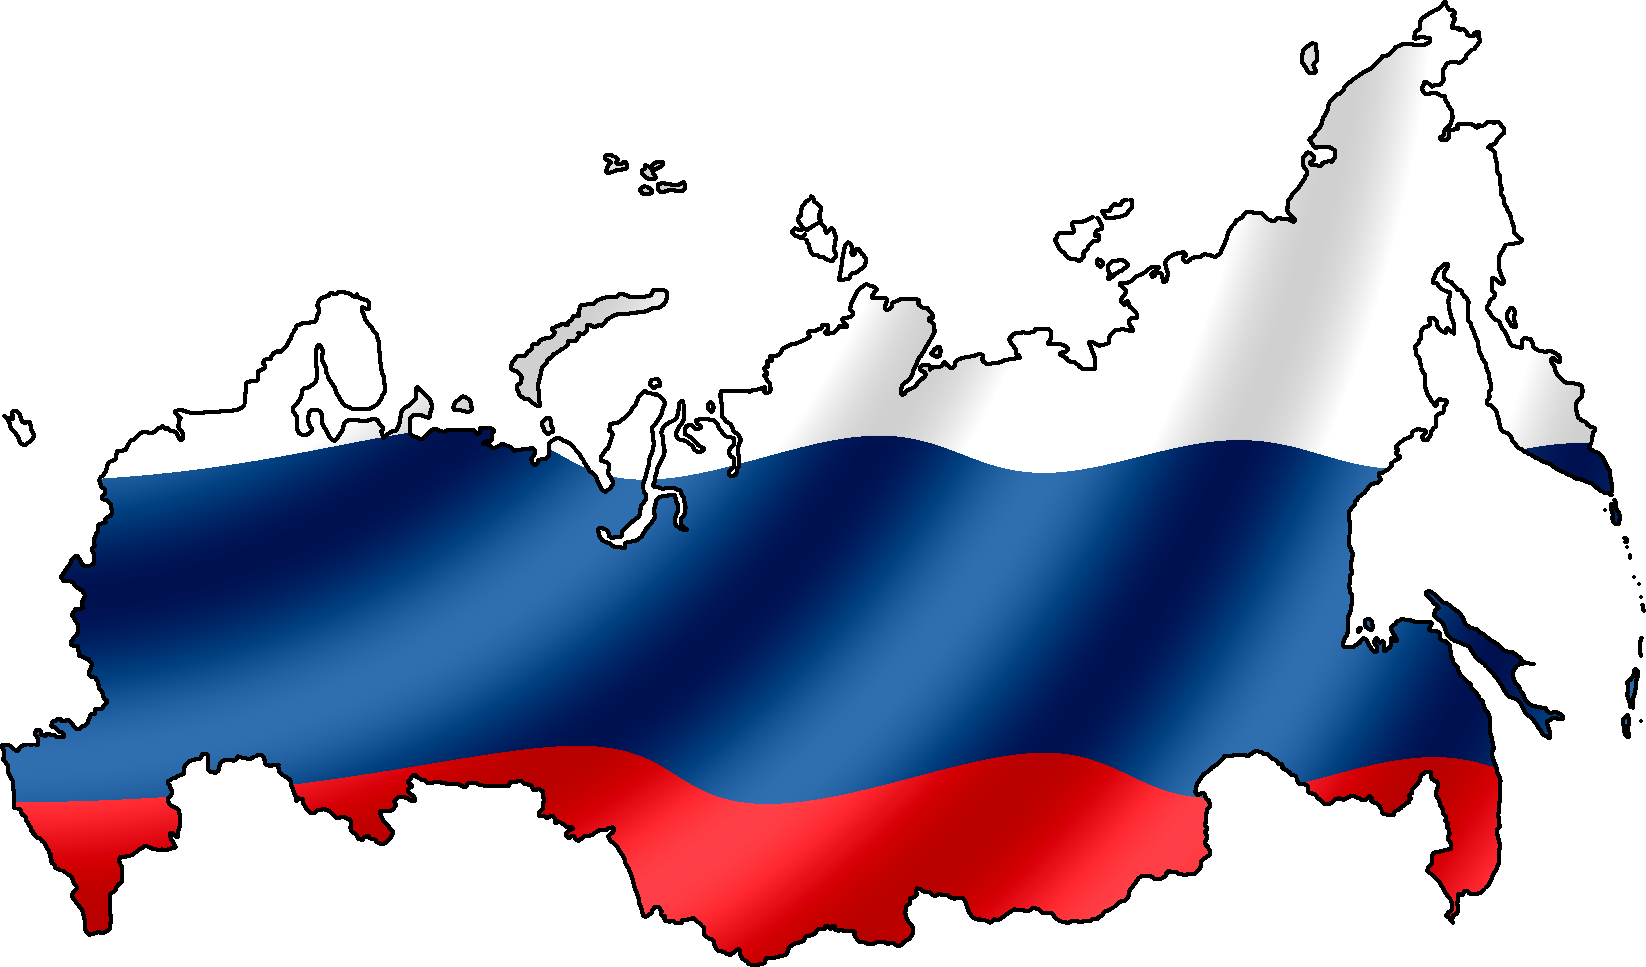 Картинки о территории россии